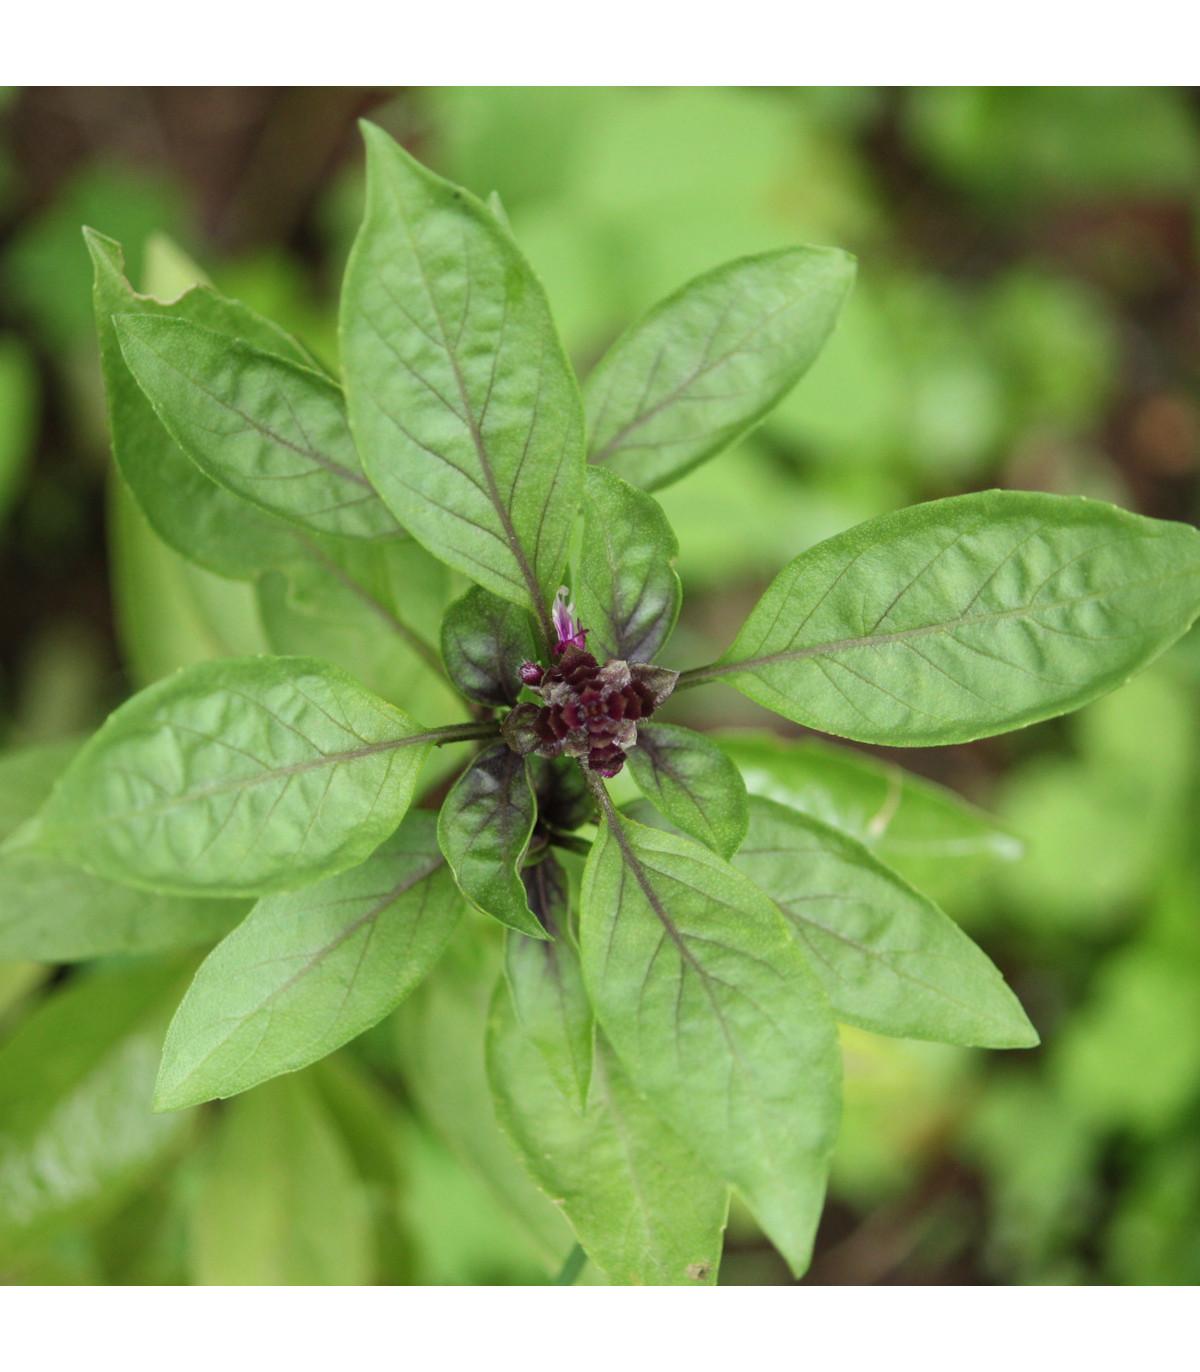 Bazalka thajská - bazalka exotická - osivo Bazalky - Ocimum basilicum thai - 50 ks